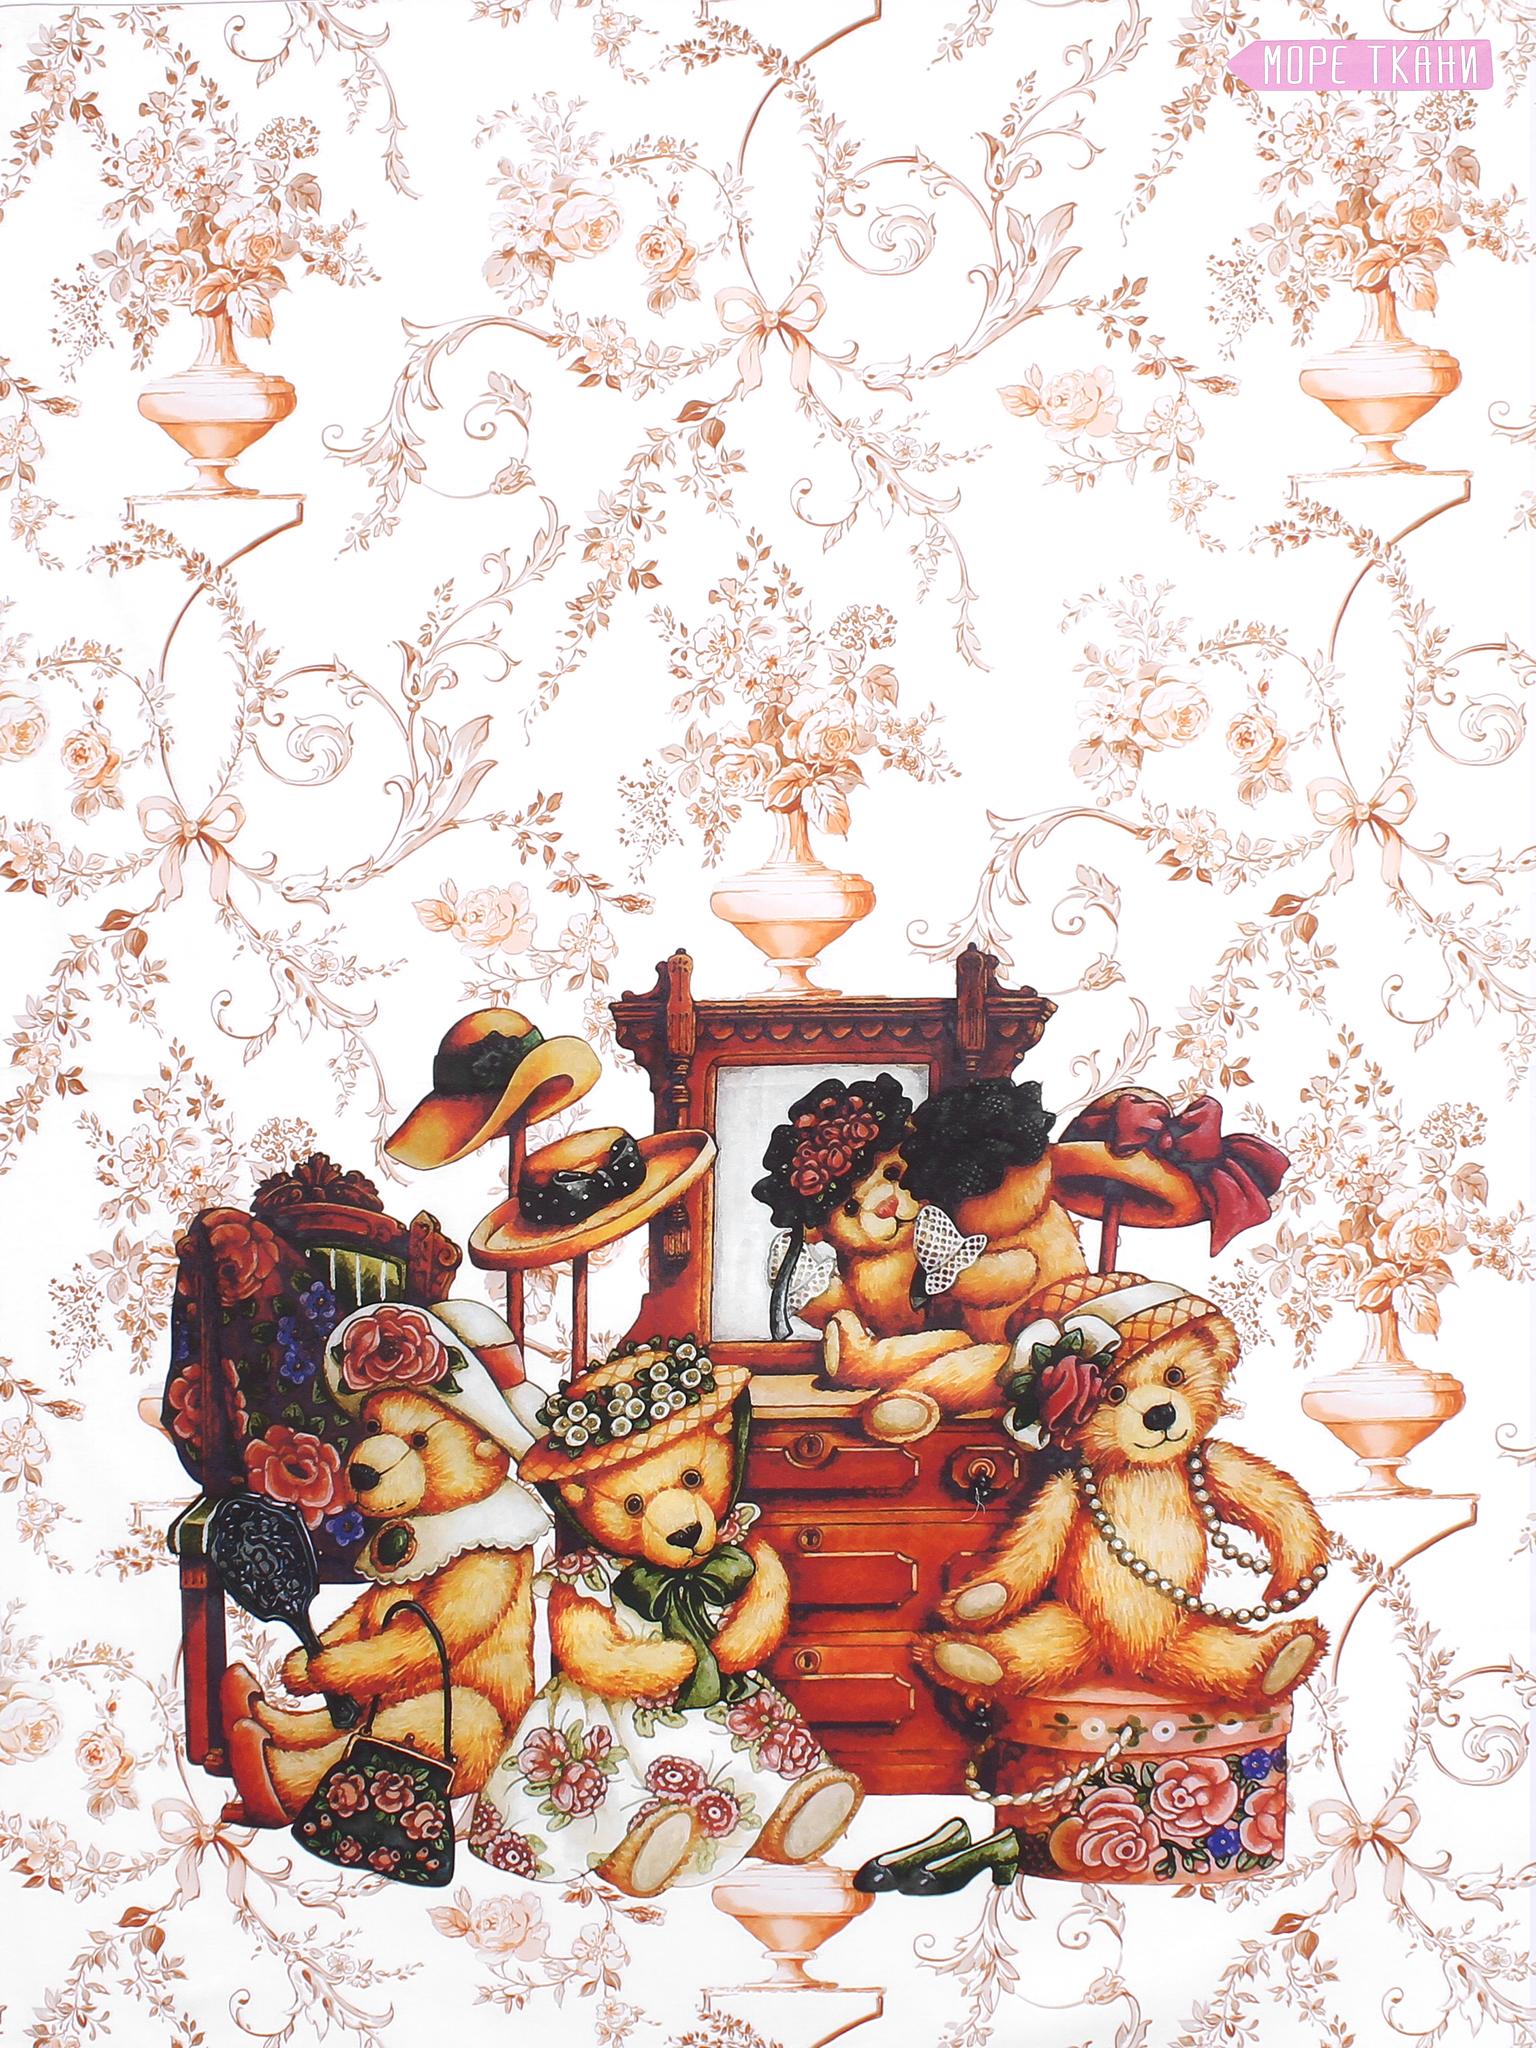 Панель(купон) мишутки нарядные-80*110 см